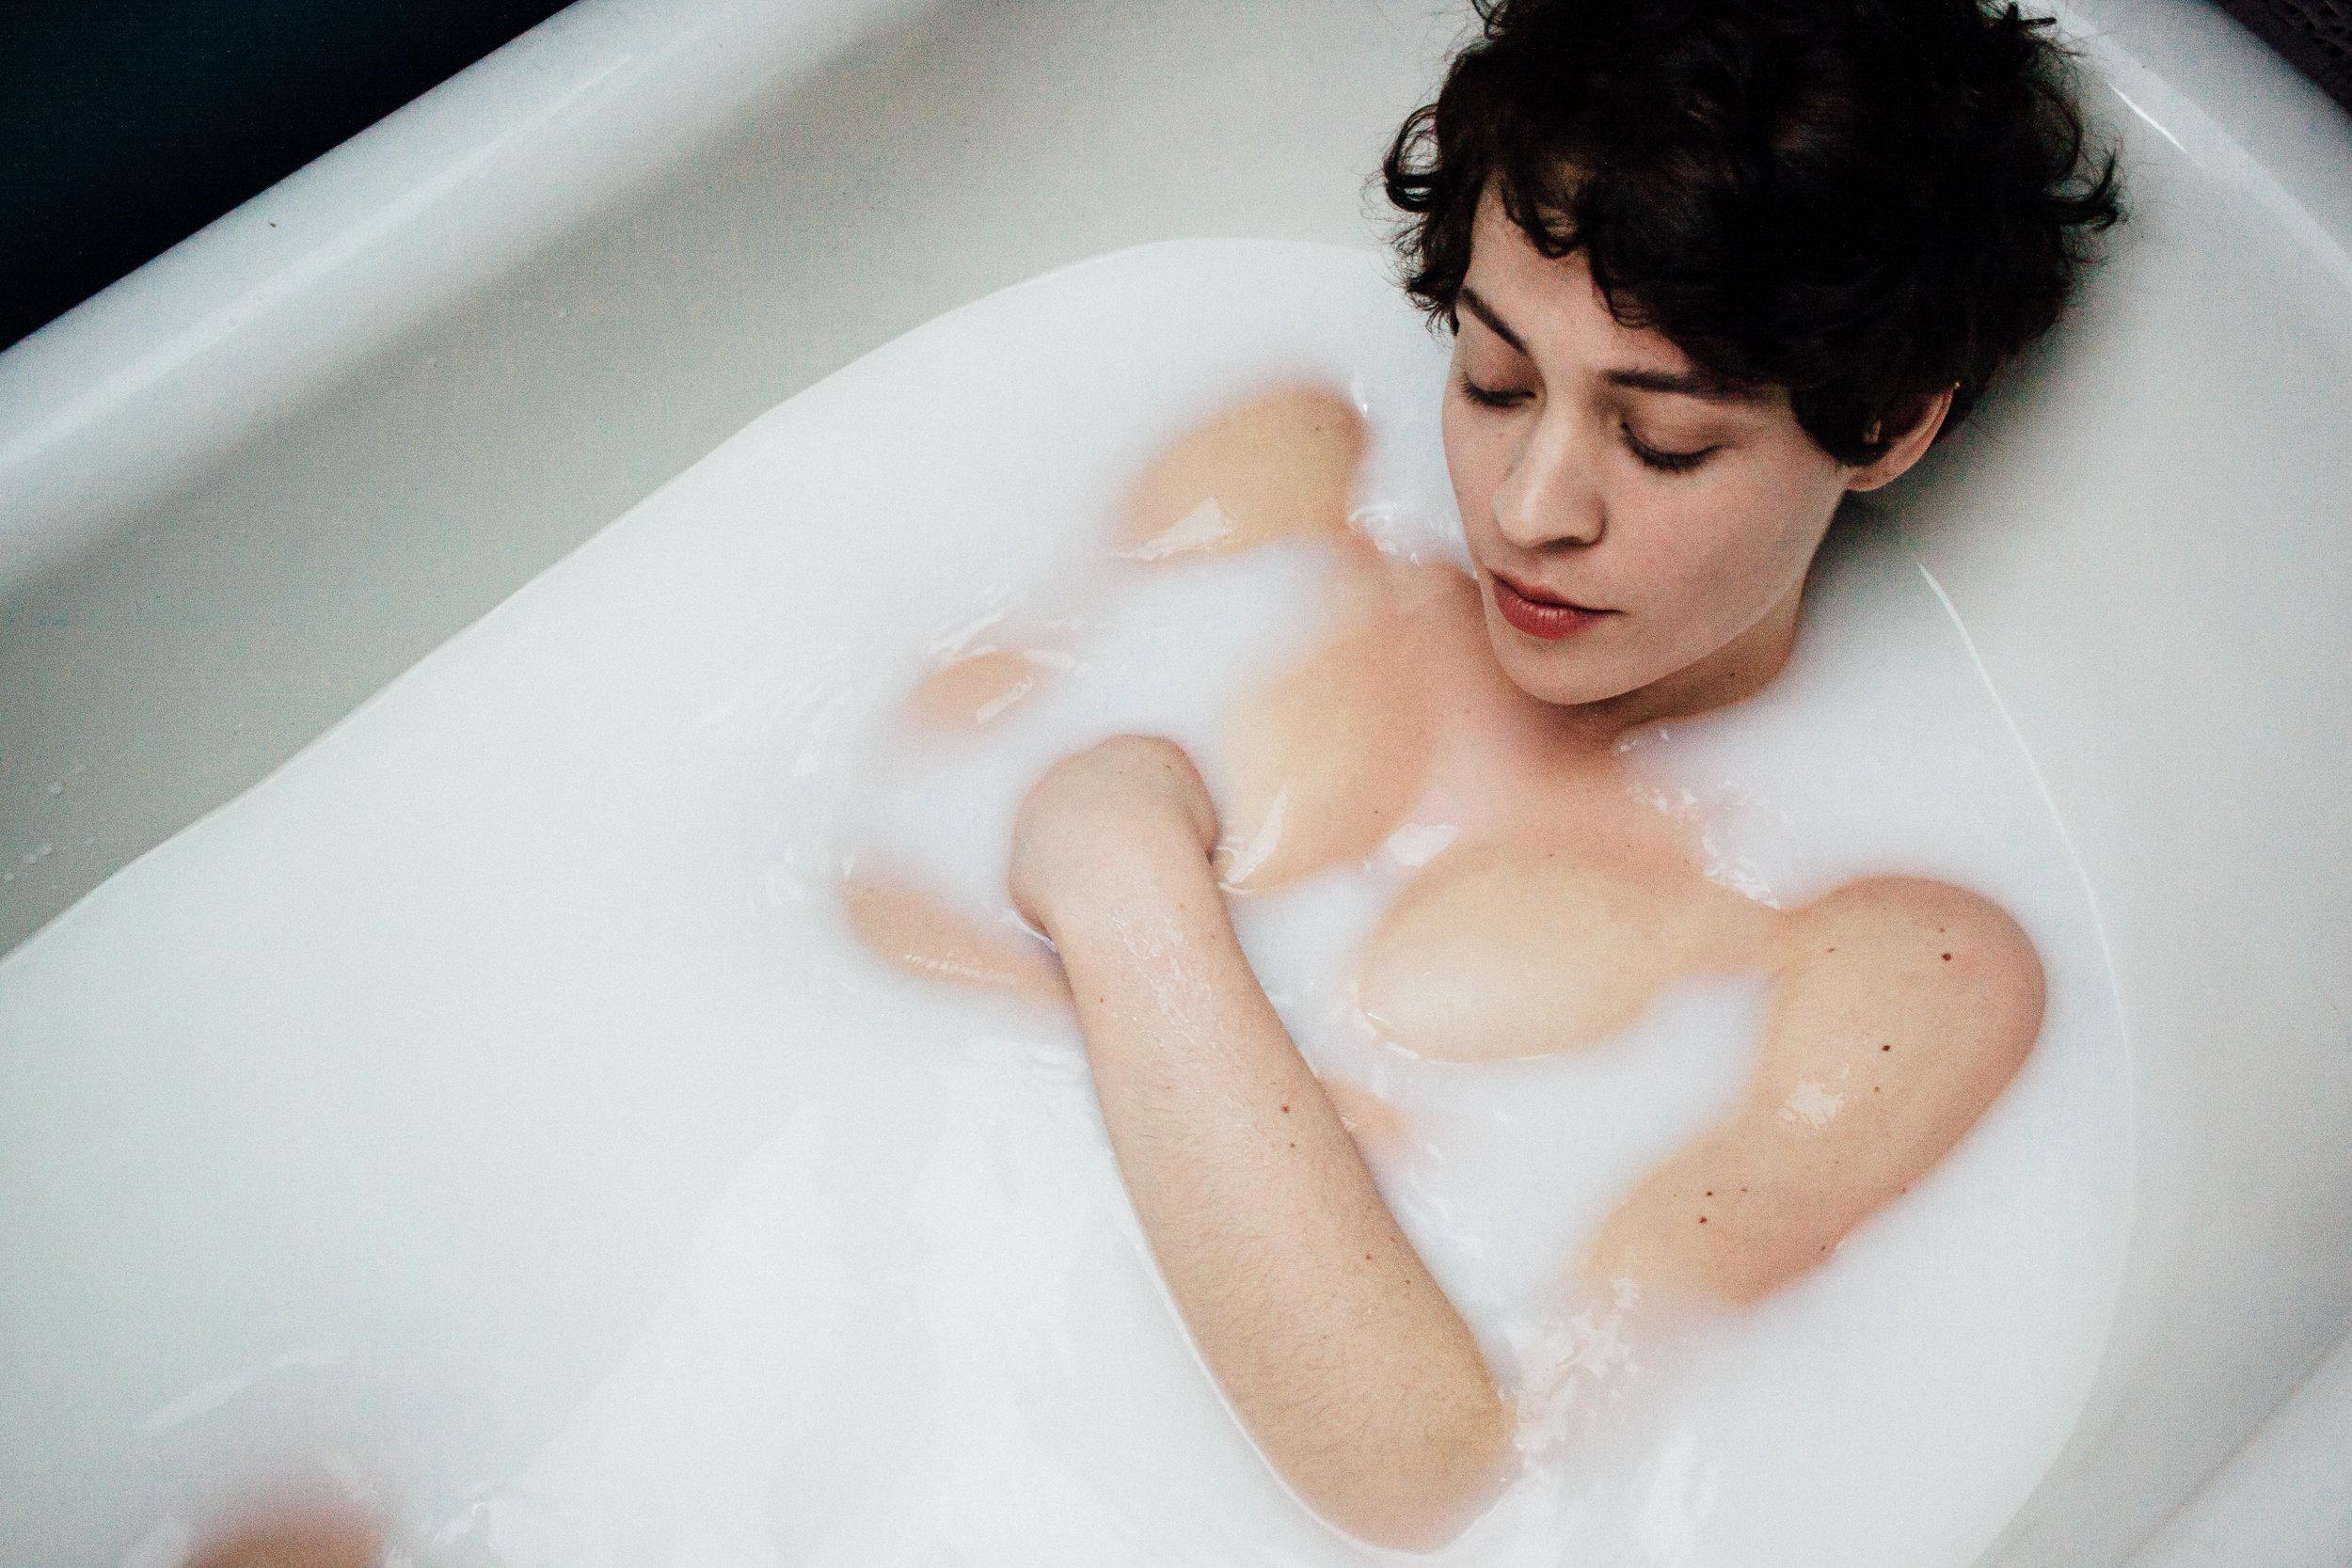 Amy-Rachel-Bare-5192.jpg